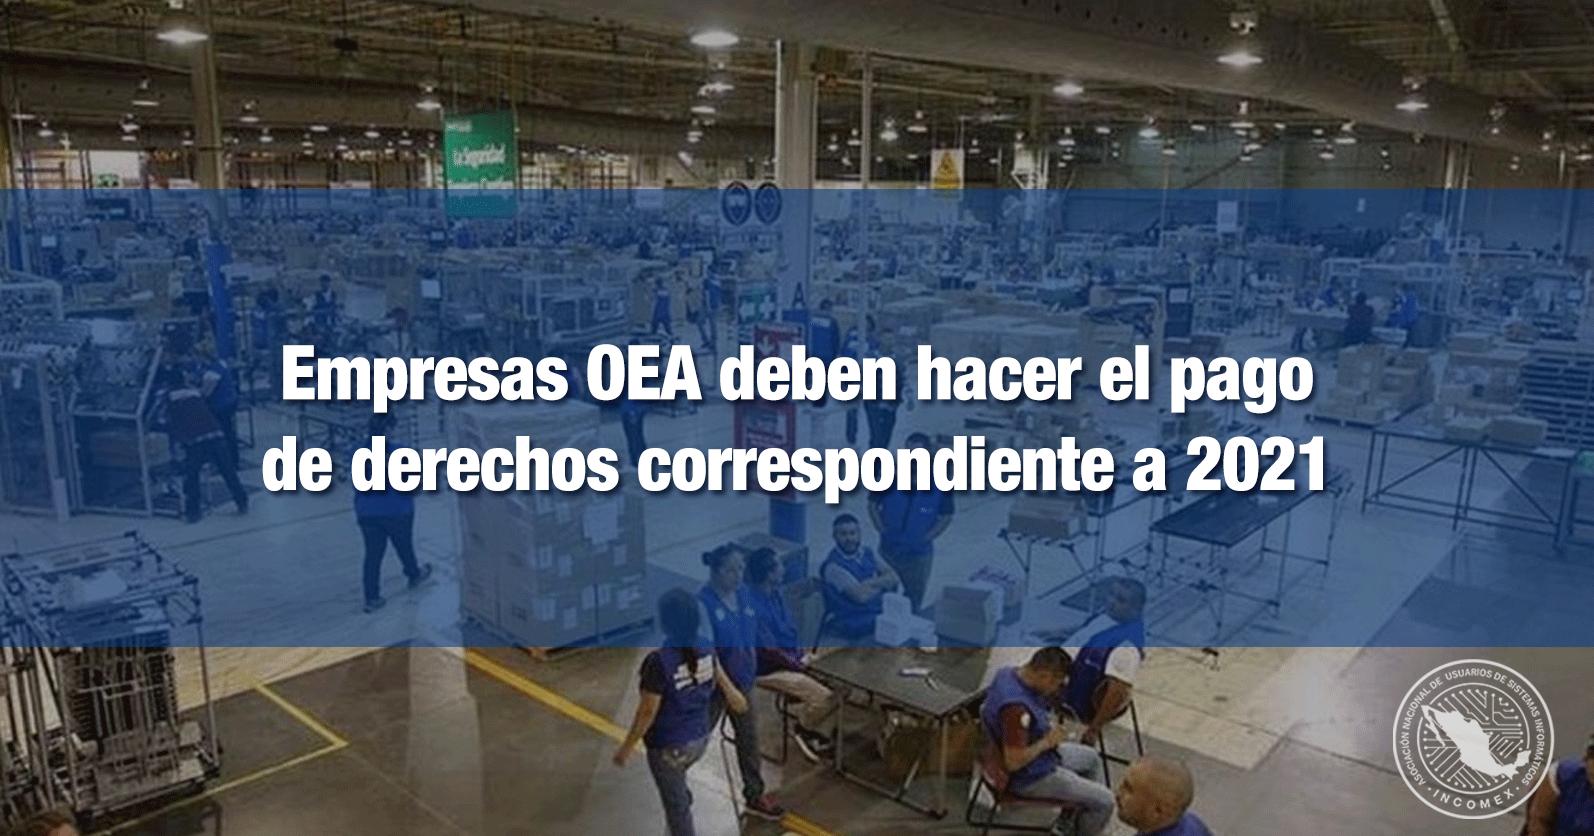 Empresas OEA deben hacer el pago de derechos correspondiente a 2021 en enero